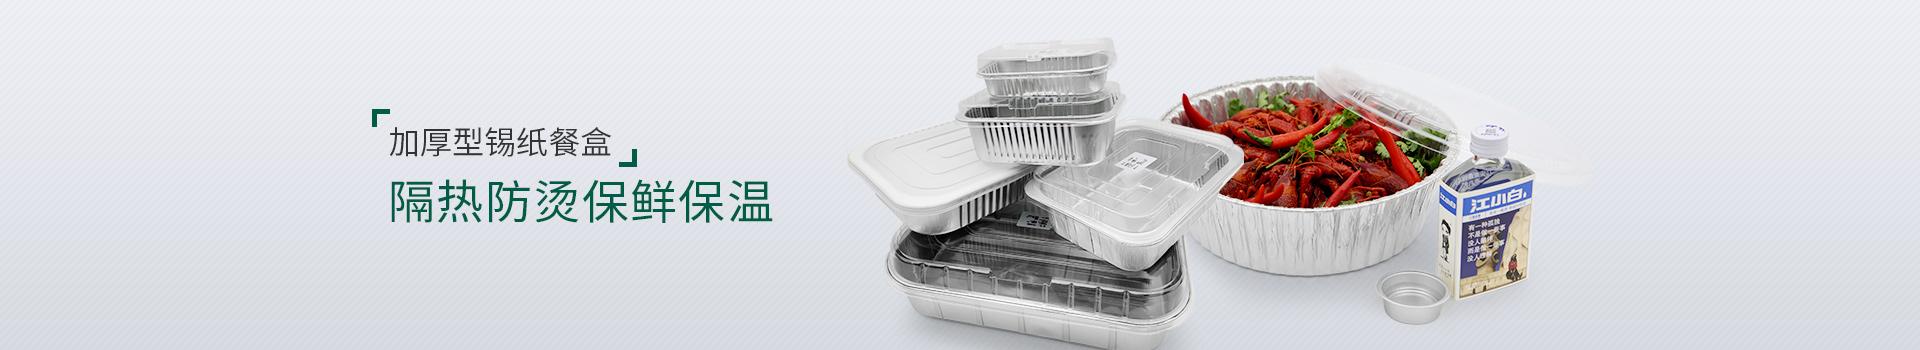 银色铝箔容器,加厚型锡纸餐盒,隔热防烫保鲜保温